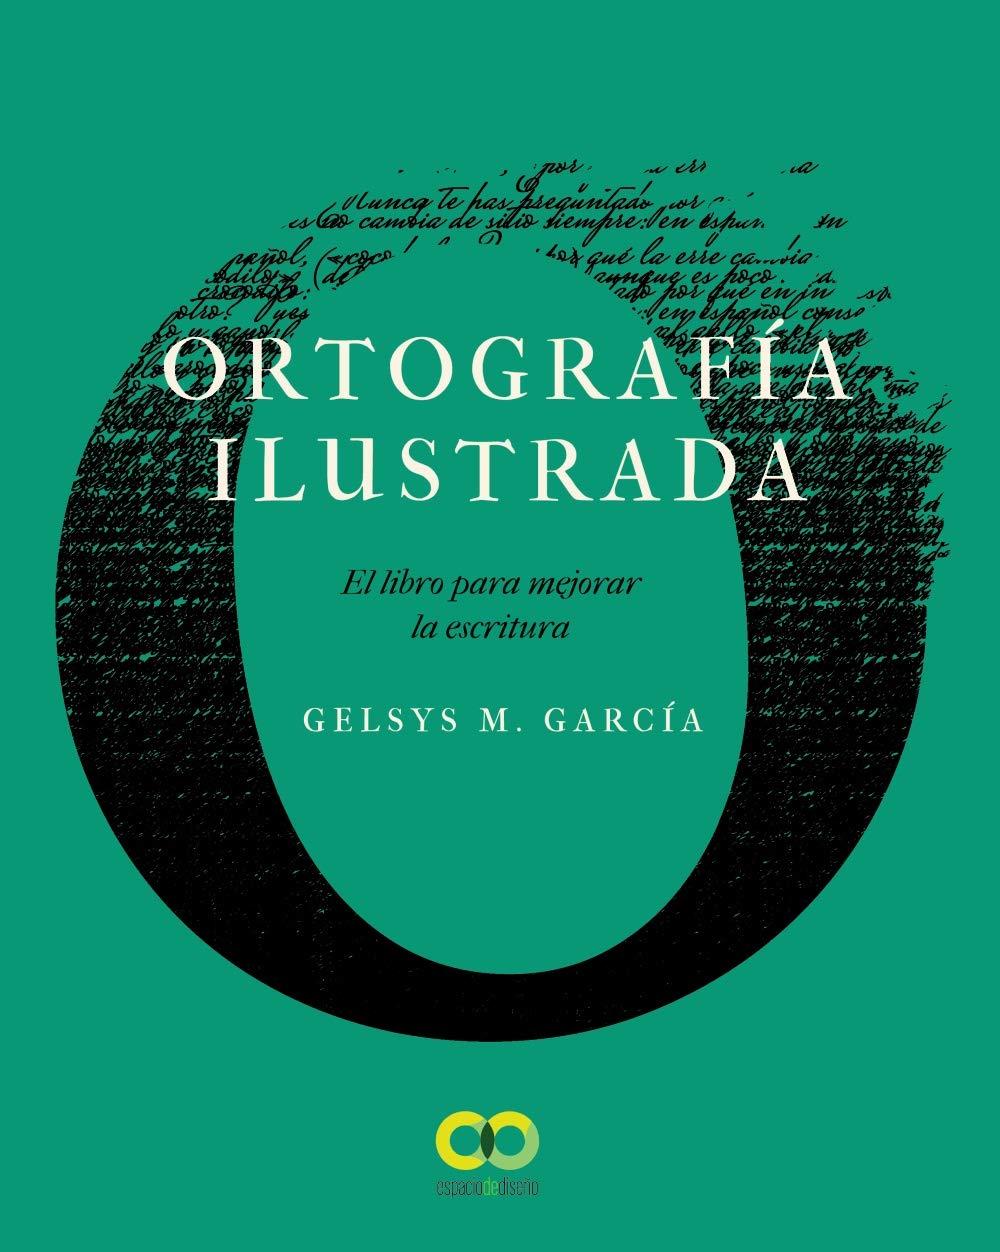 Ortografía ilustrada. El libro para mejorar la escritura (ESPACIO DE DISEÑO)